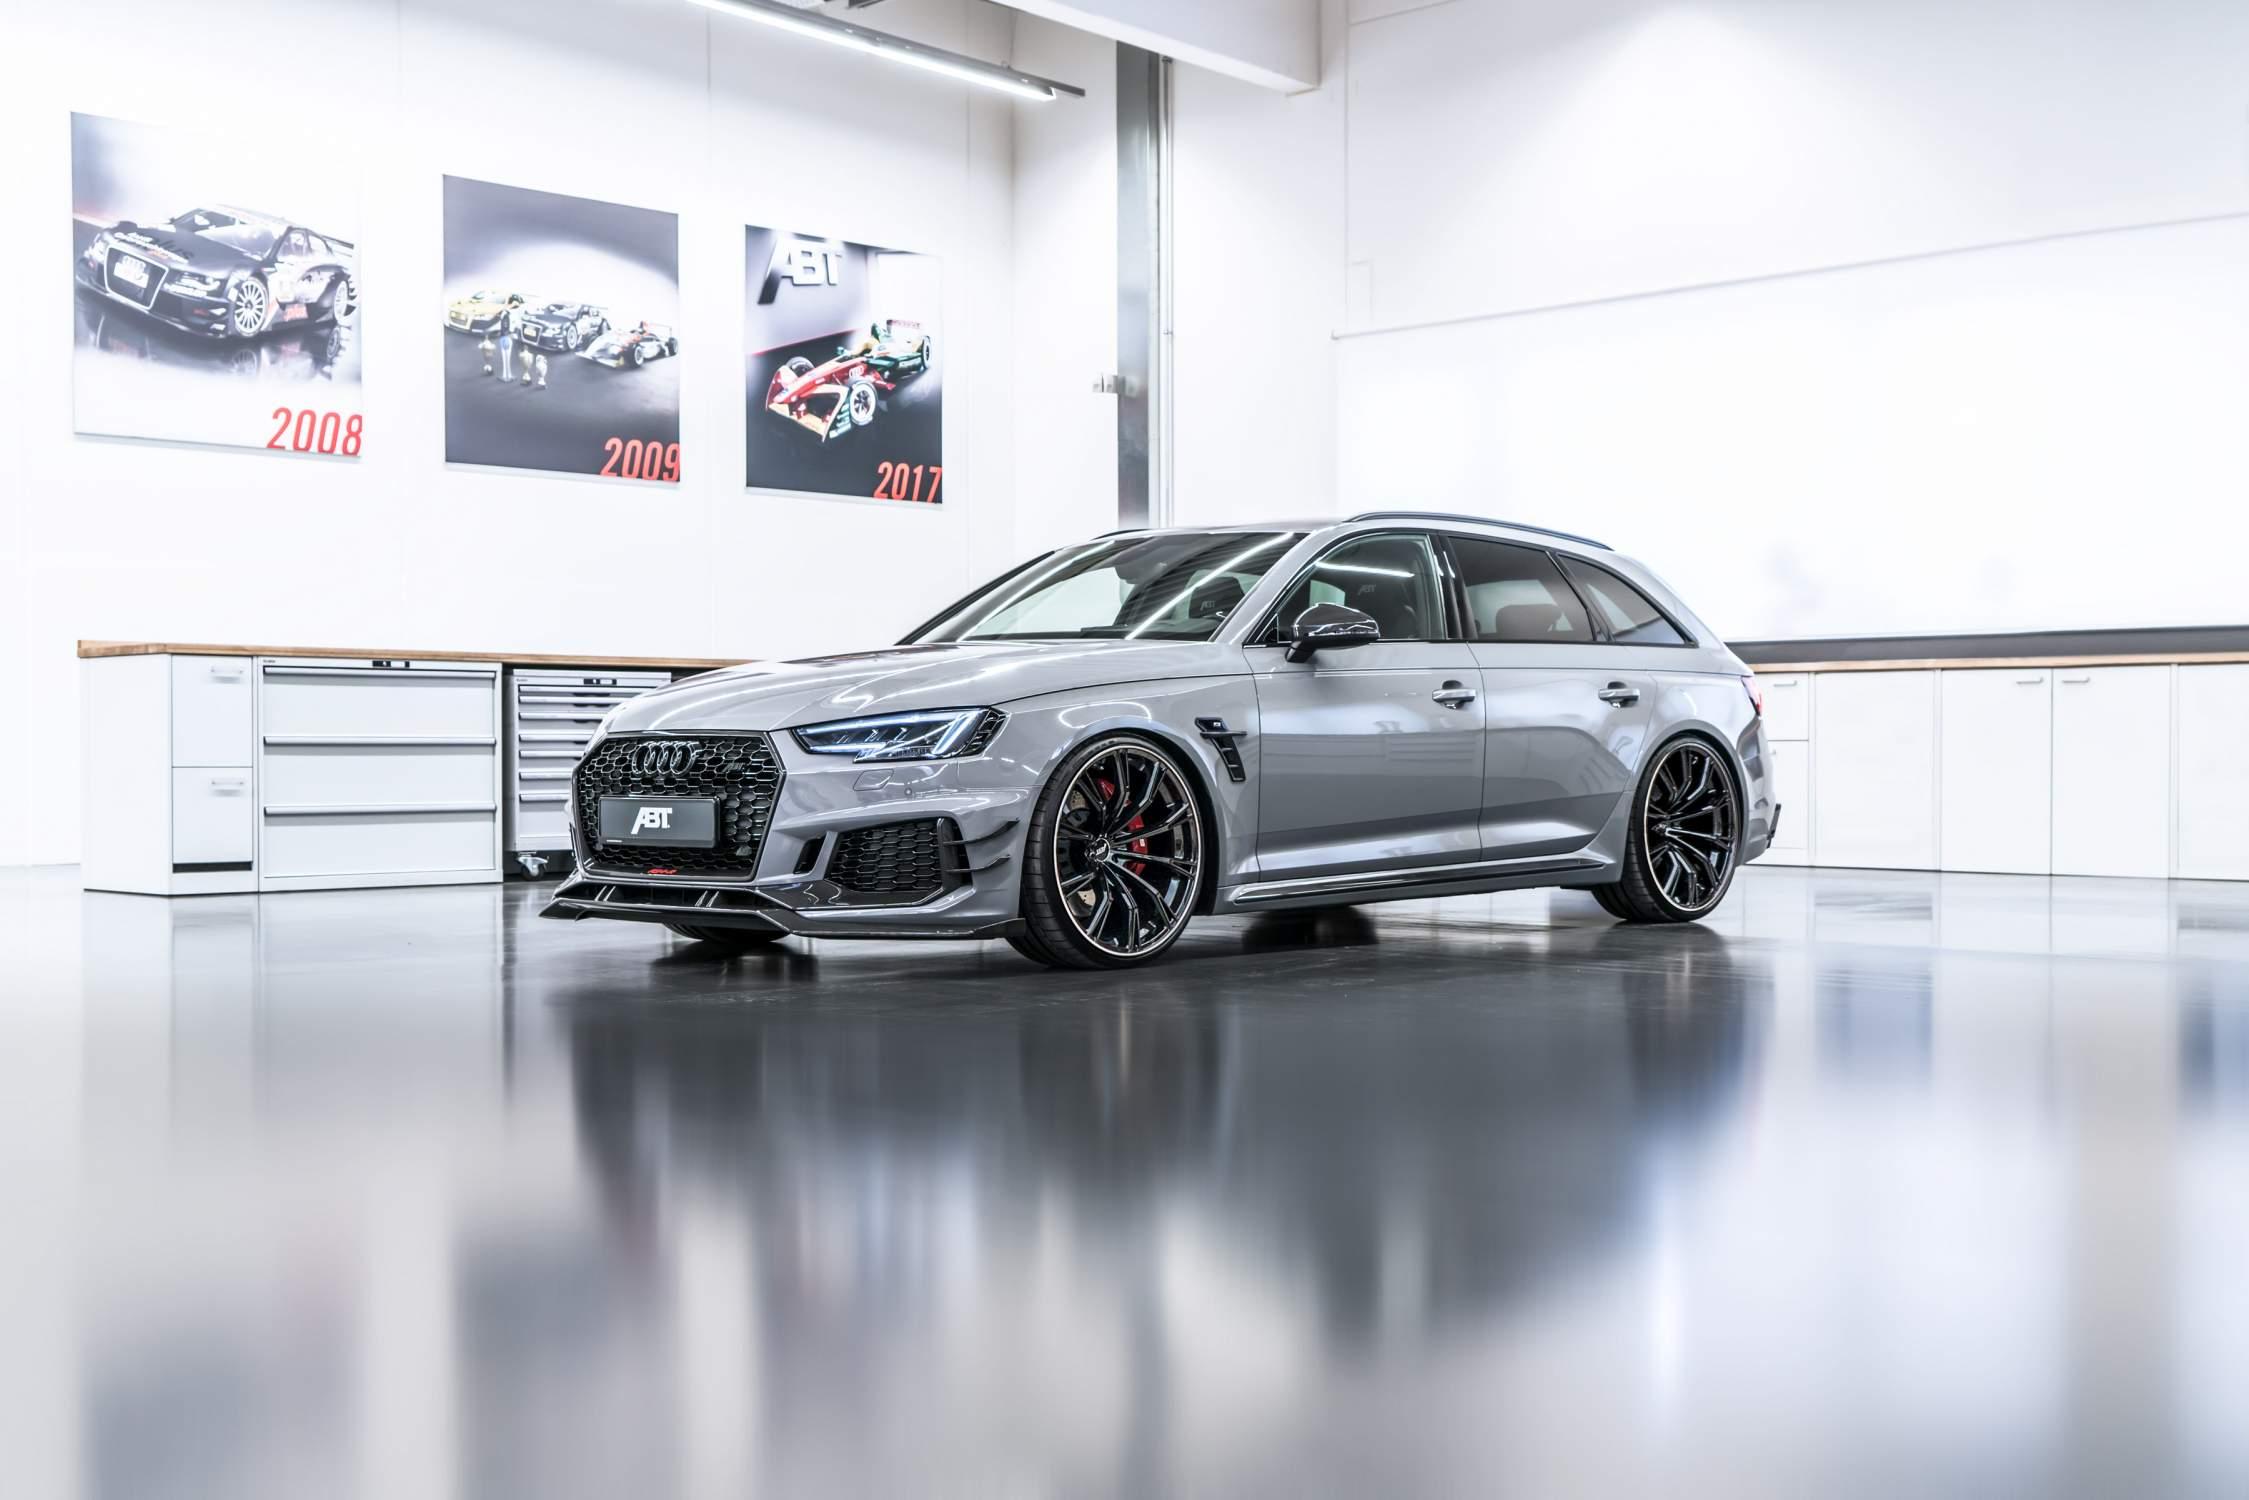 Salon De Geneve Une Audi Rs4 R Abt De 530 Chevaux Actu Moteurs Com